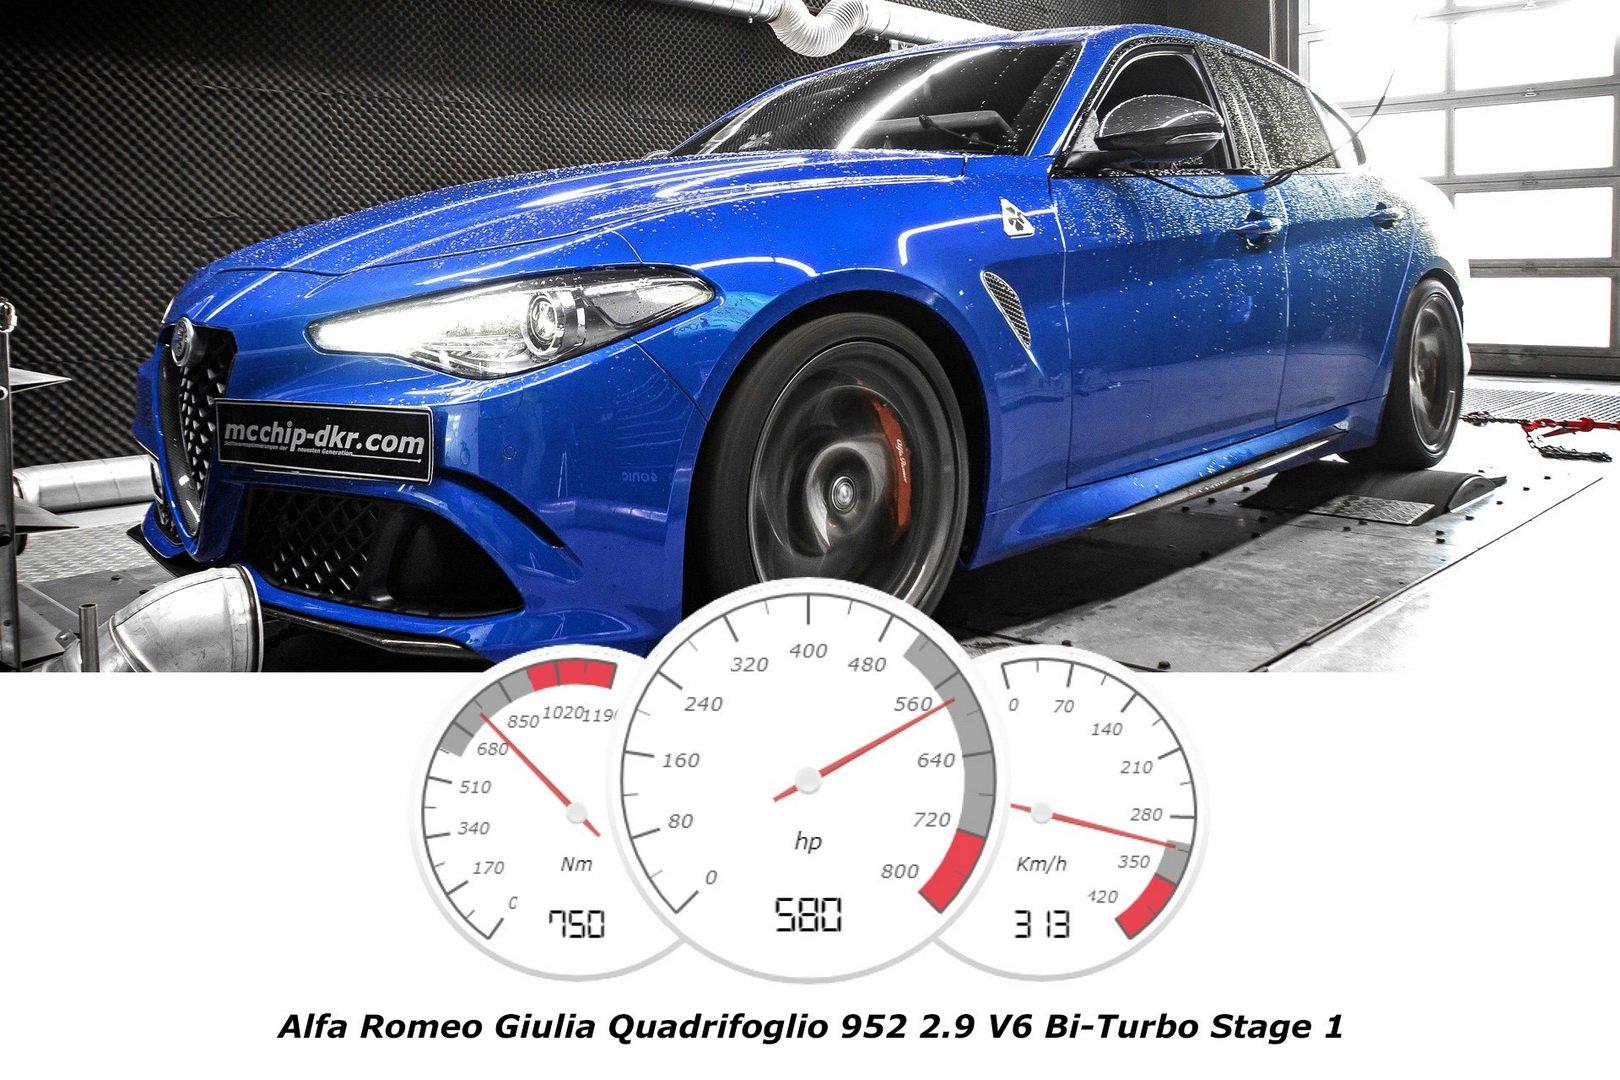 Alfa Romeo Giulia Quadrifoglio by McChip-DKR